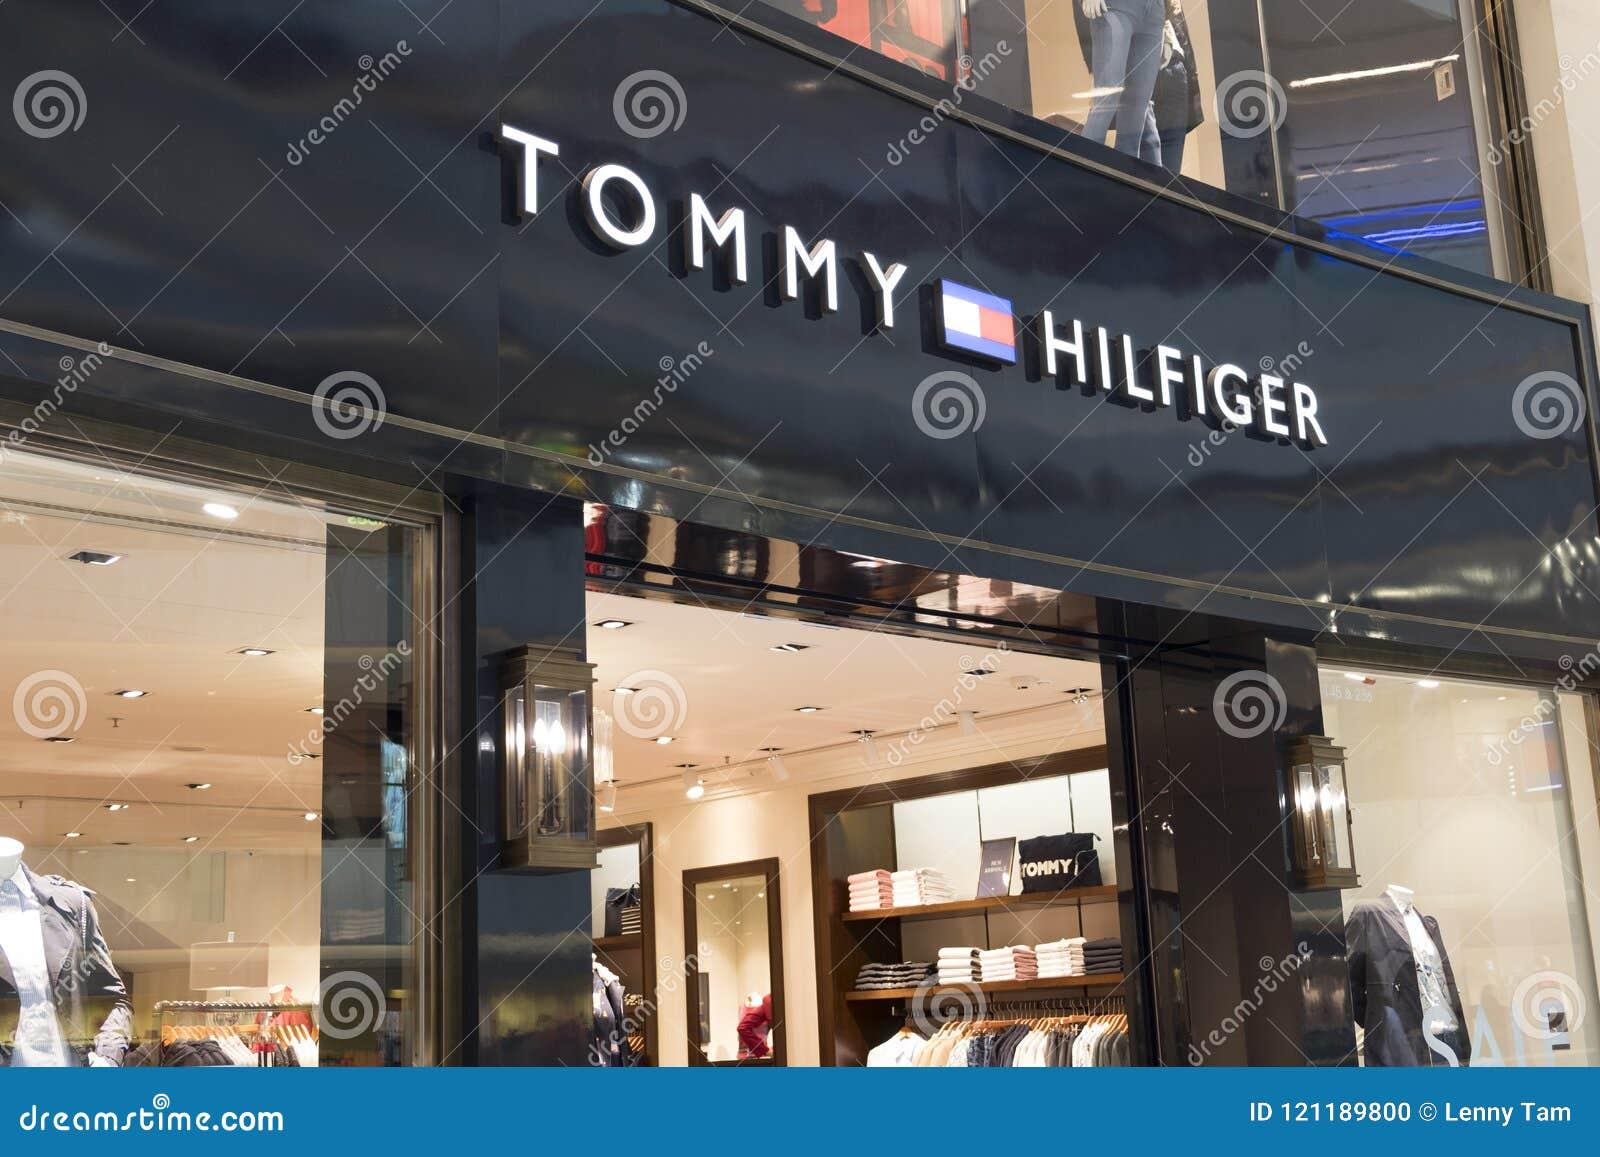 Κατάστημα του Tommy Hilfiger στο Χονγκ Κονγκ Η εταιρία του Tommy Hilfiger είναι αμερικανική επιχείρηση ιματισμού